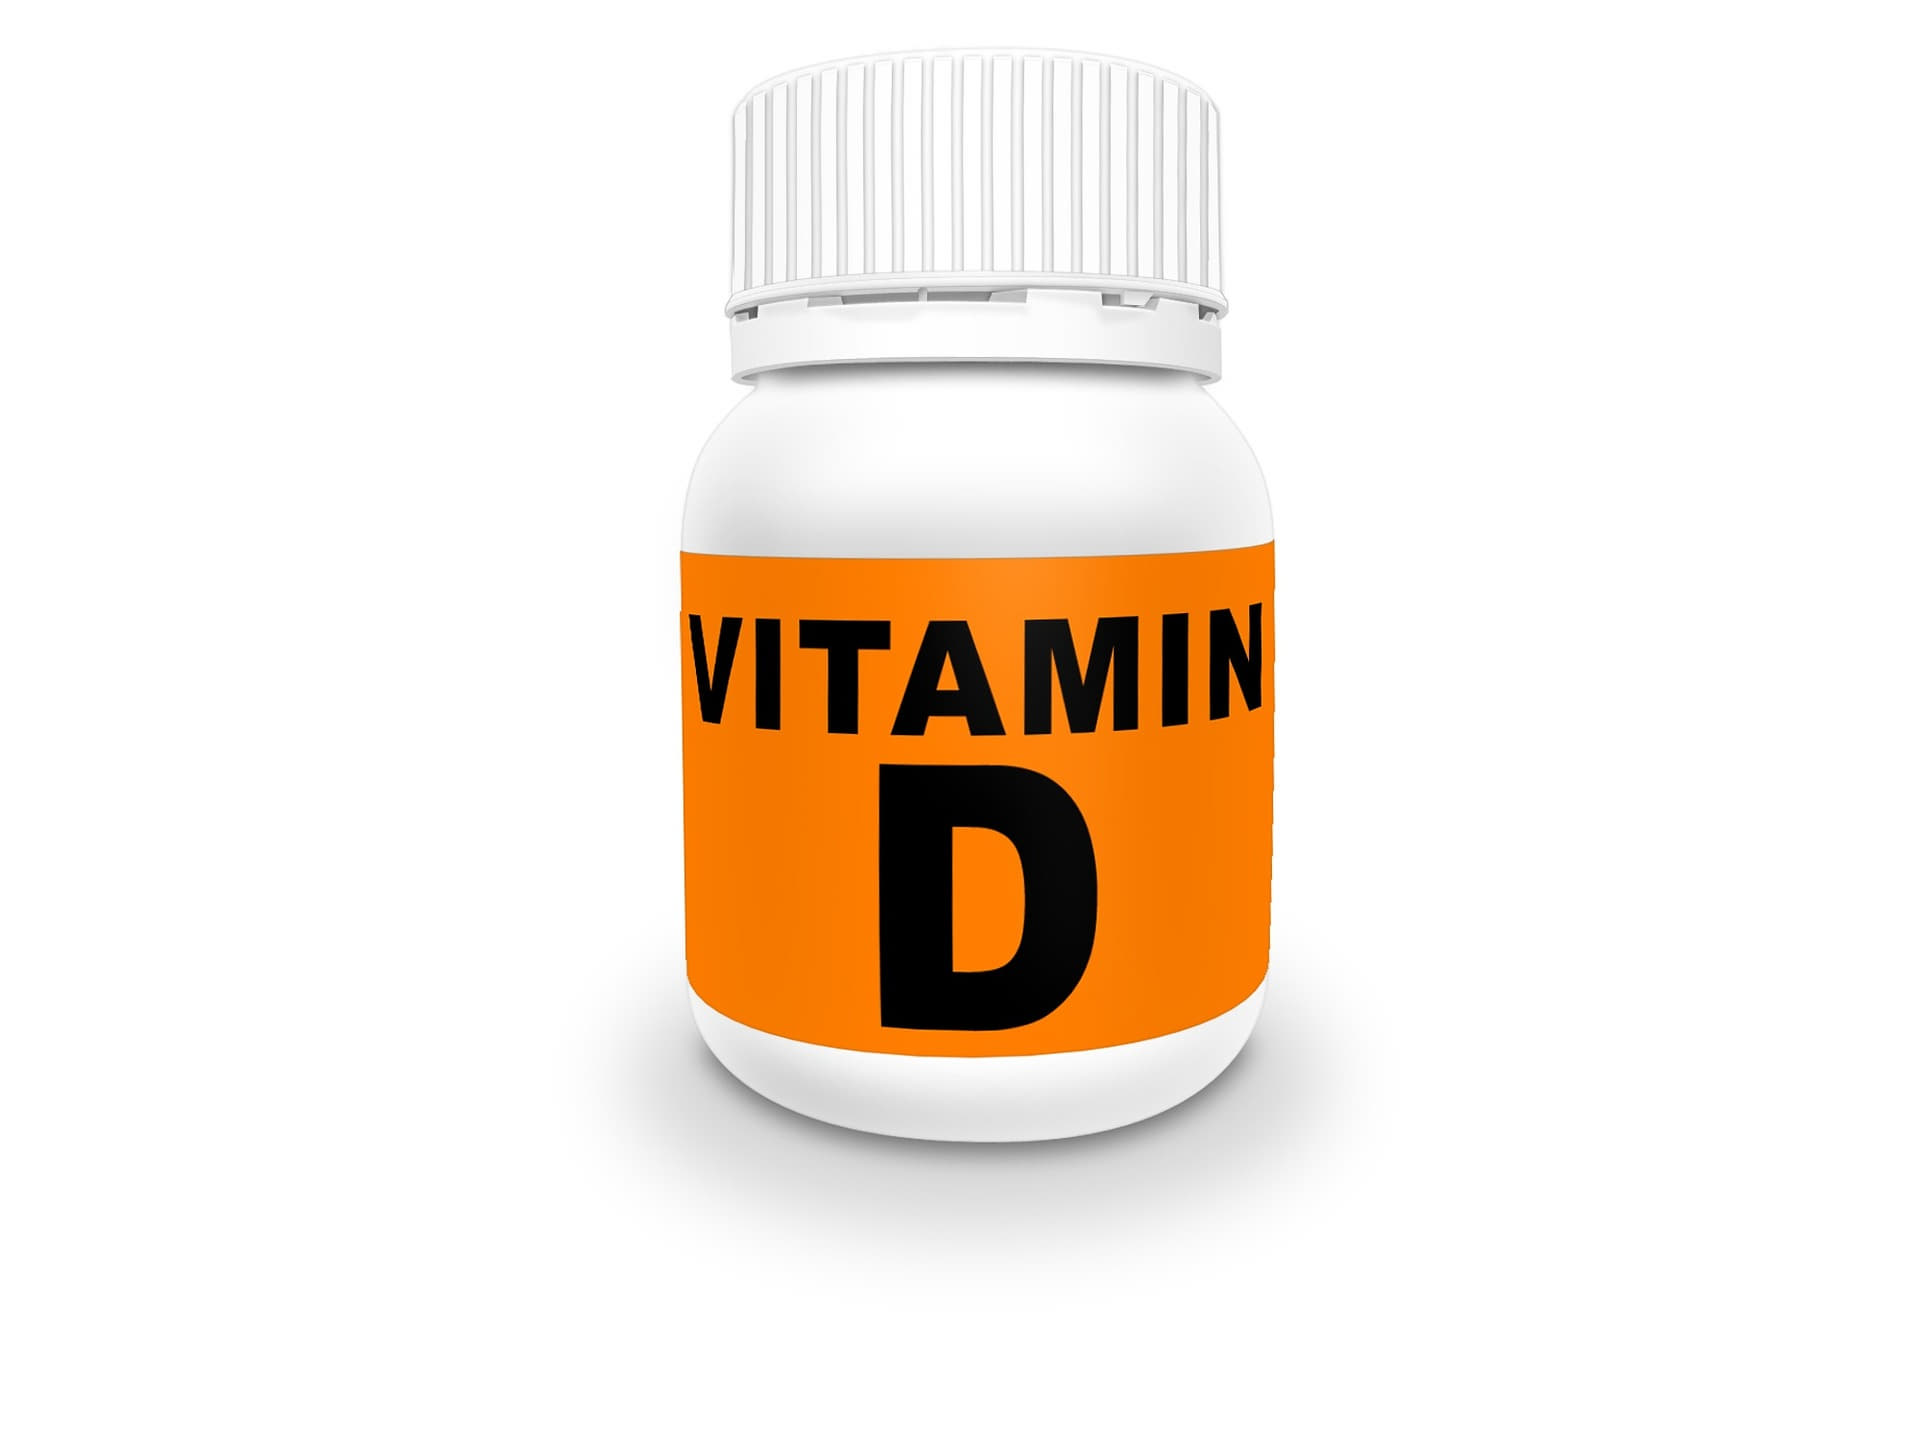 비타민 권장 섭취량